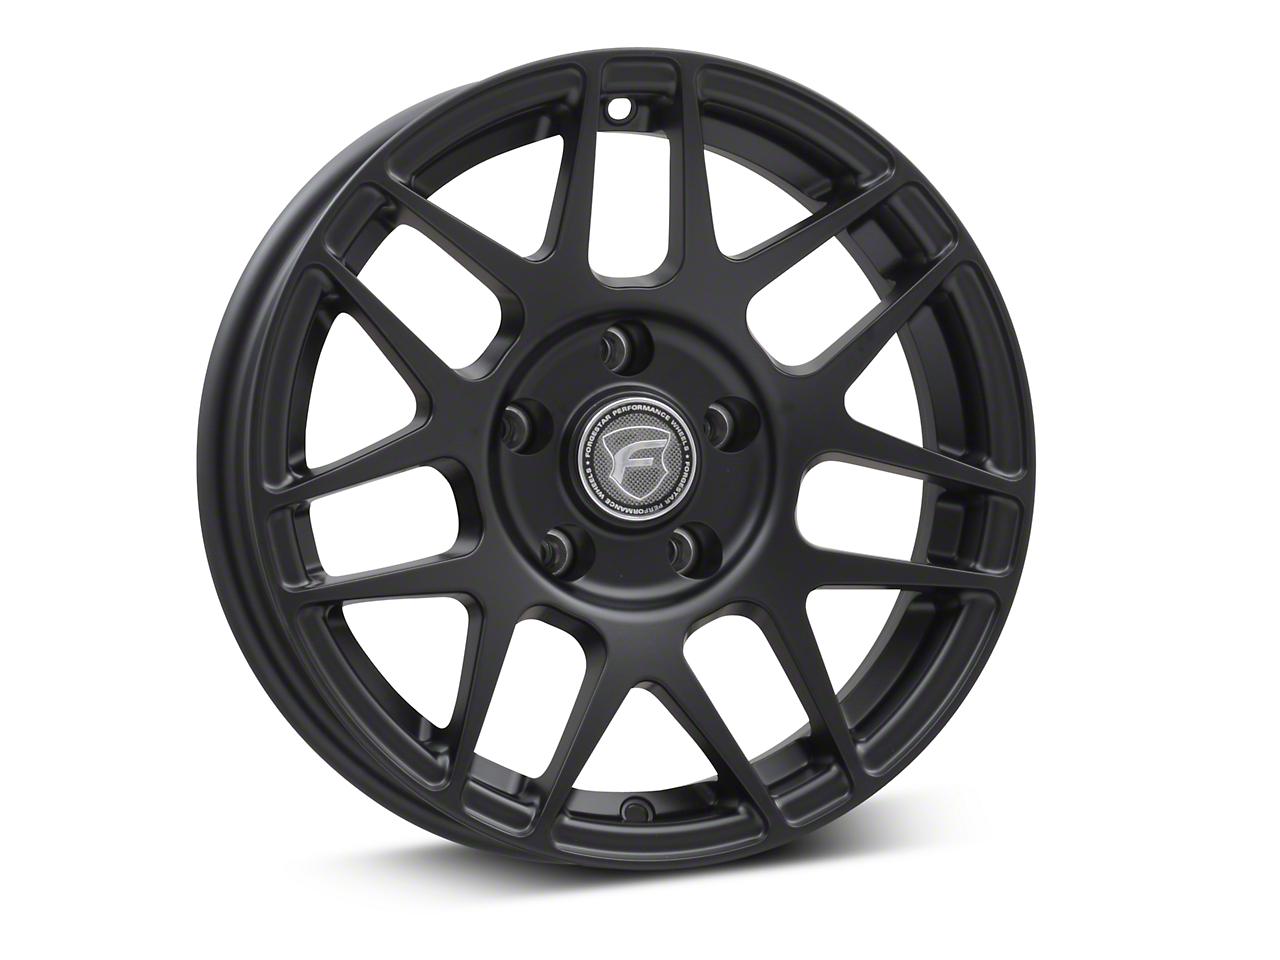 Forgestar F14 Drag Edition Matte Black Wheel - 15x3.75 (05-14 All)